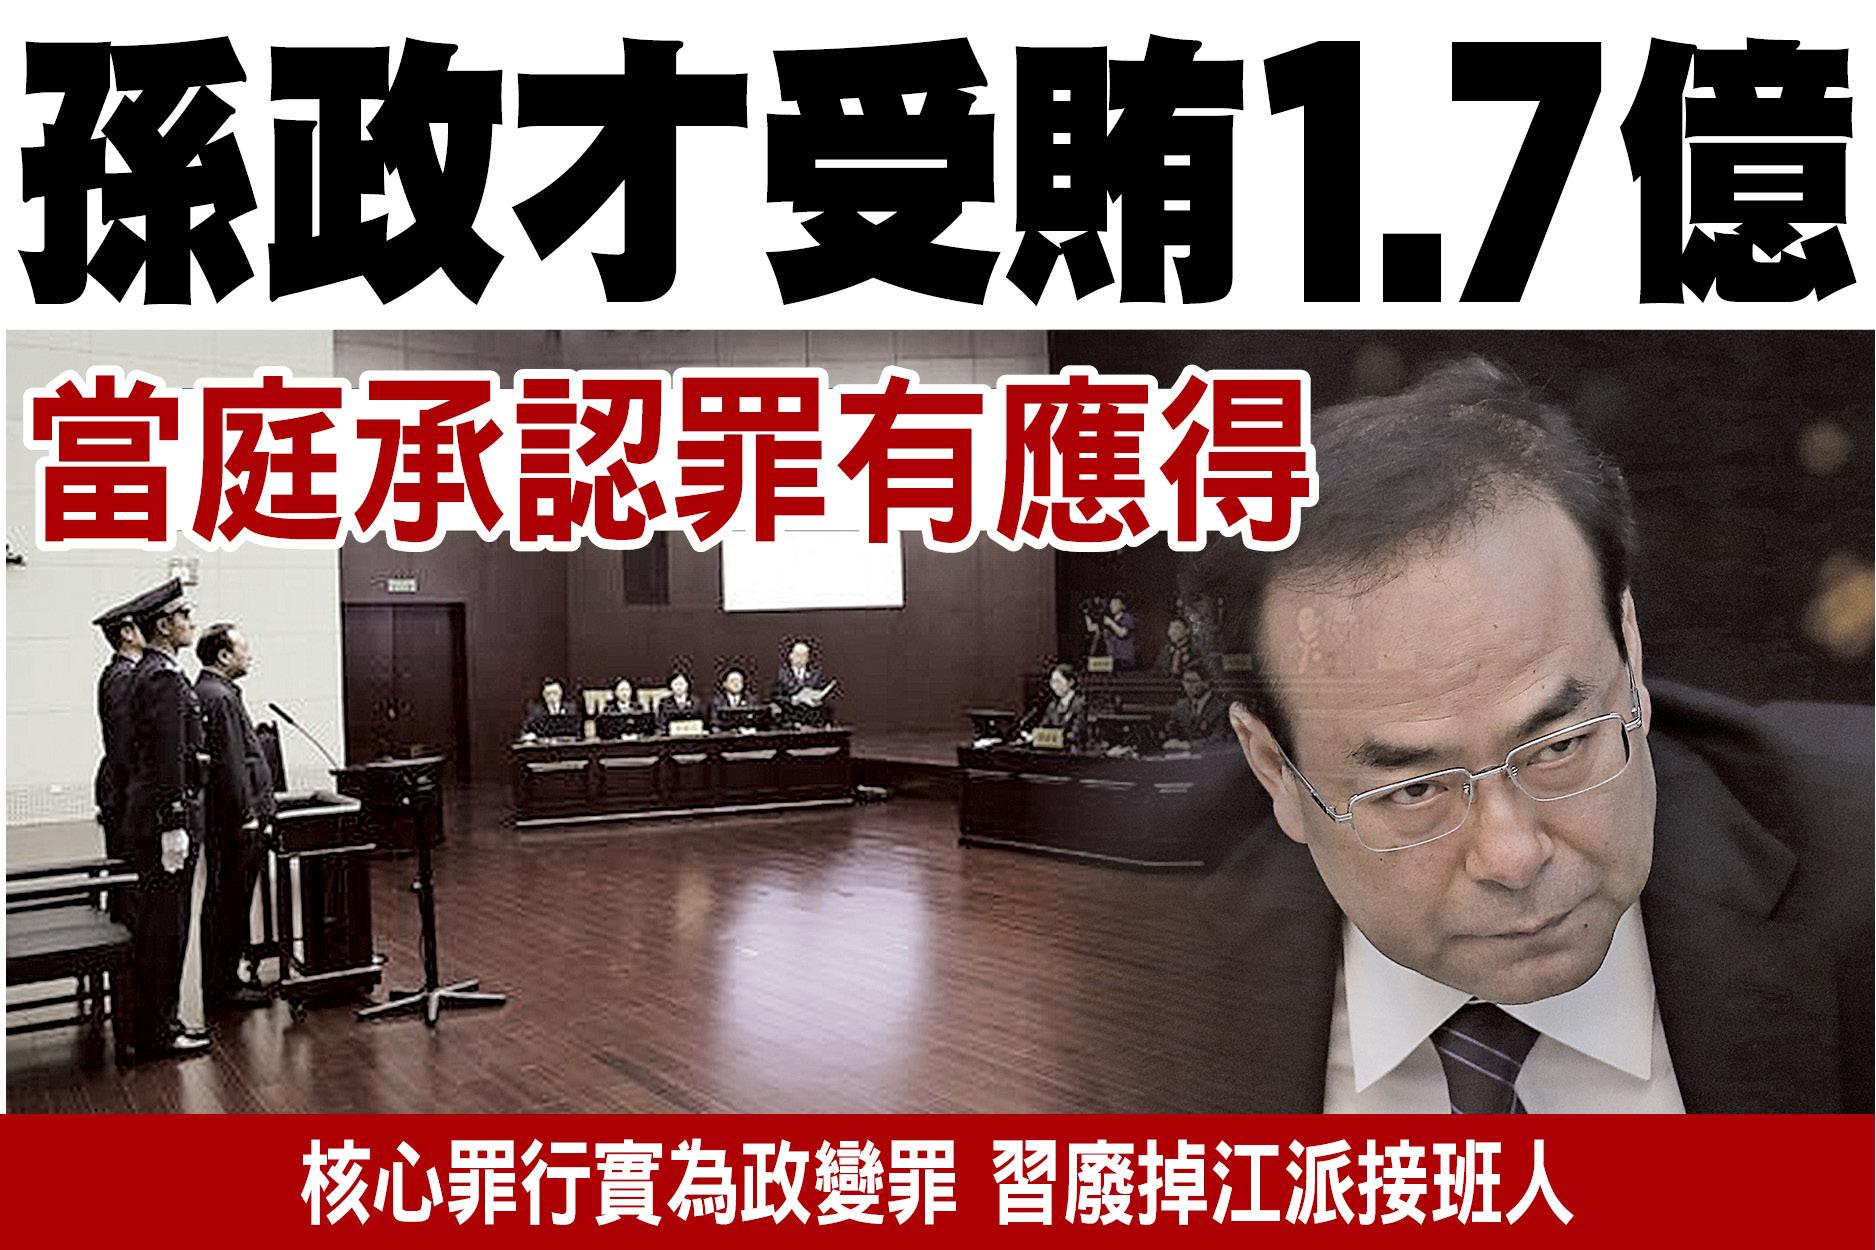 孫政才受賄1.7億 當庭承認罪有應得